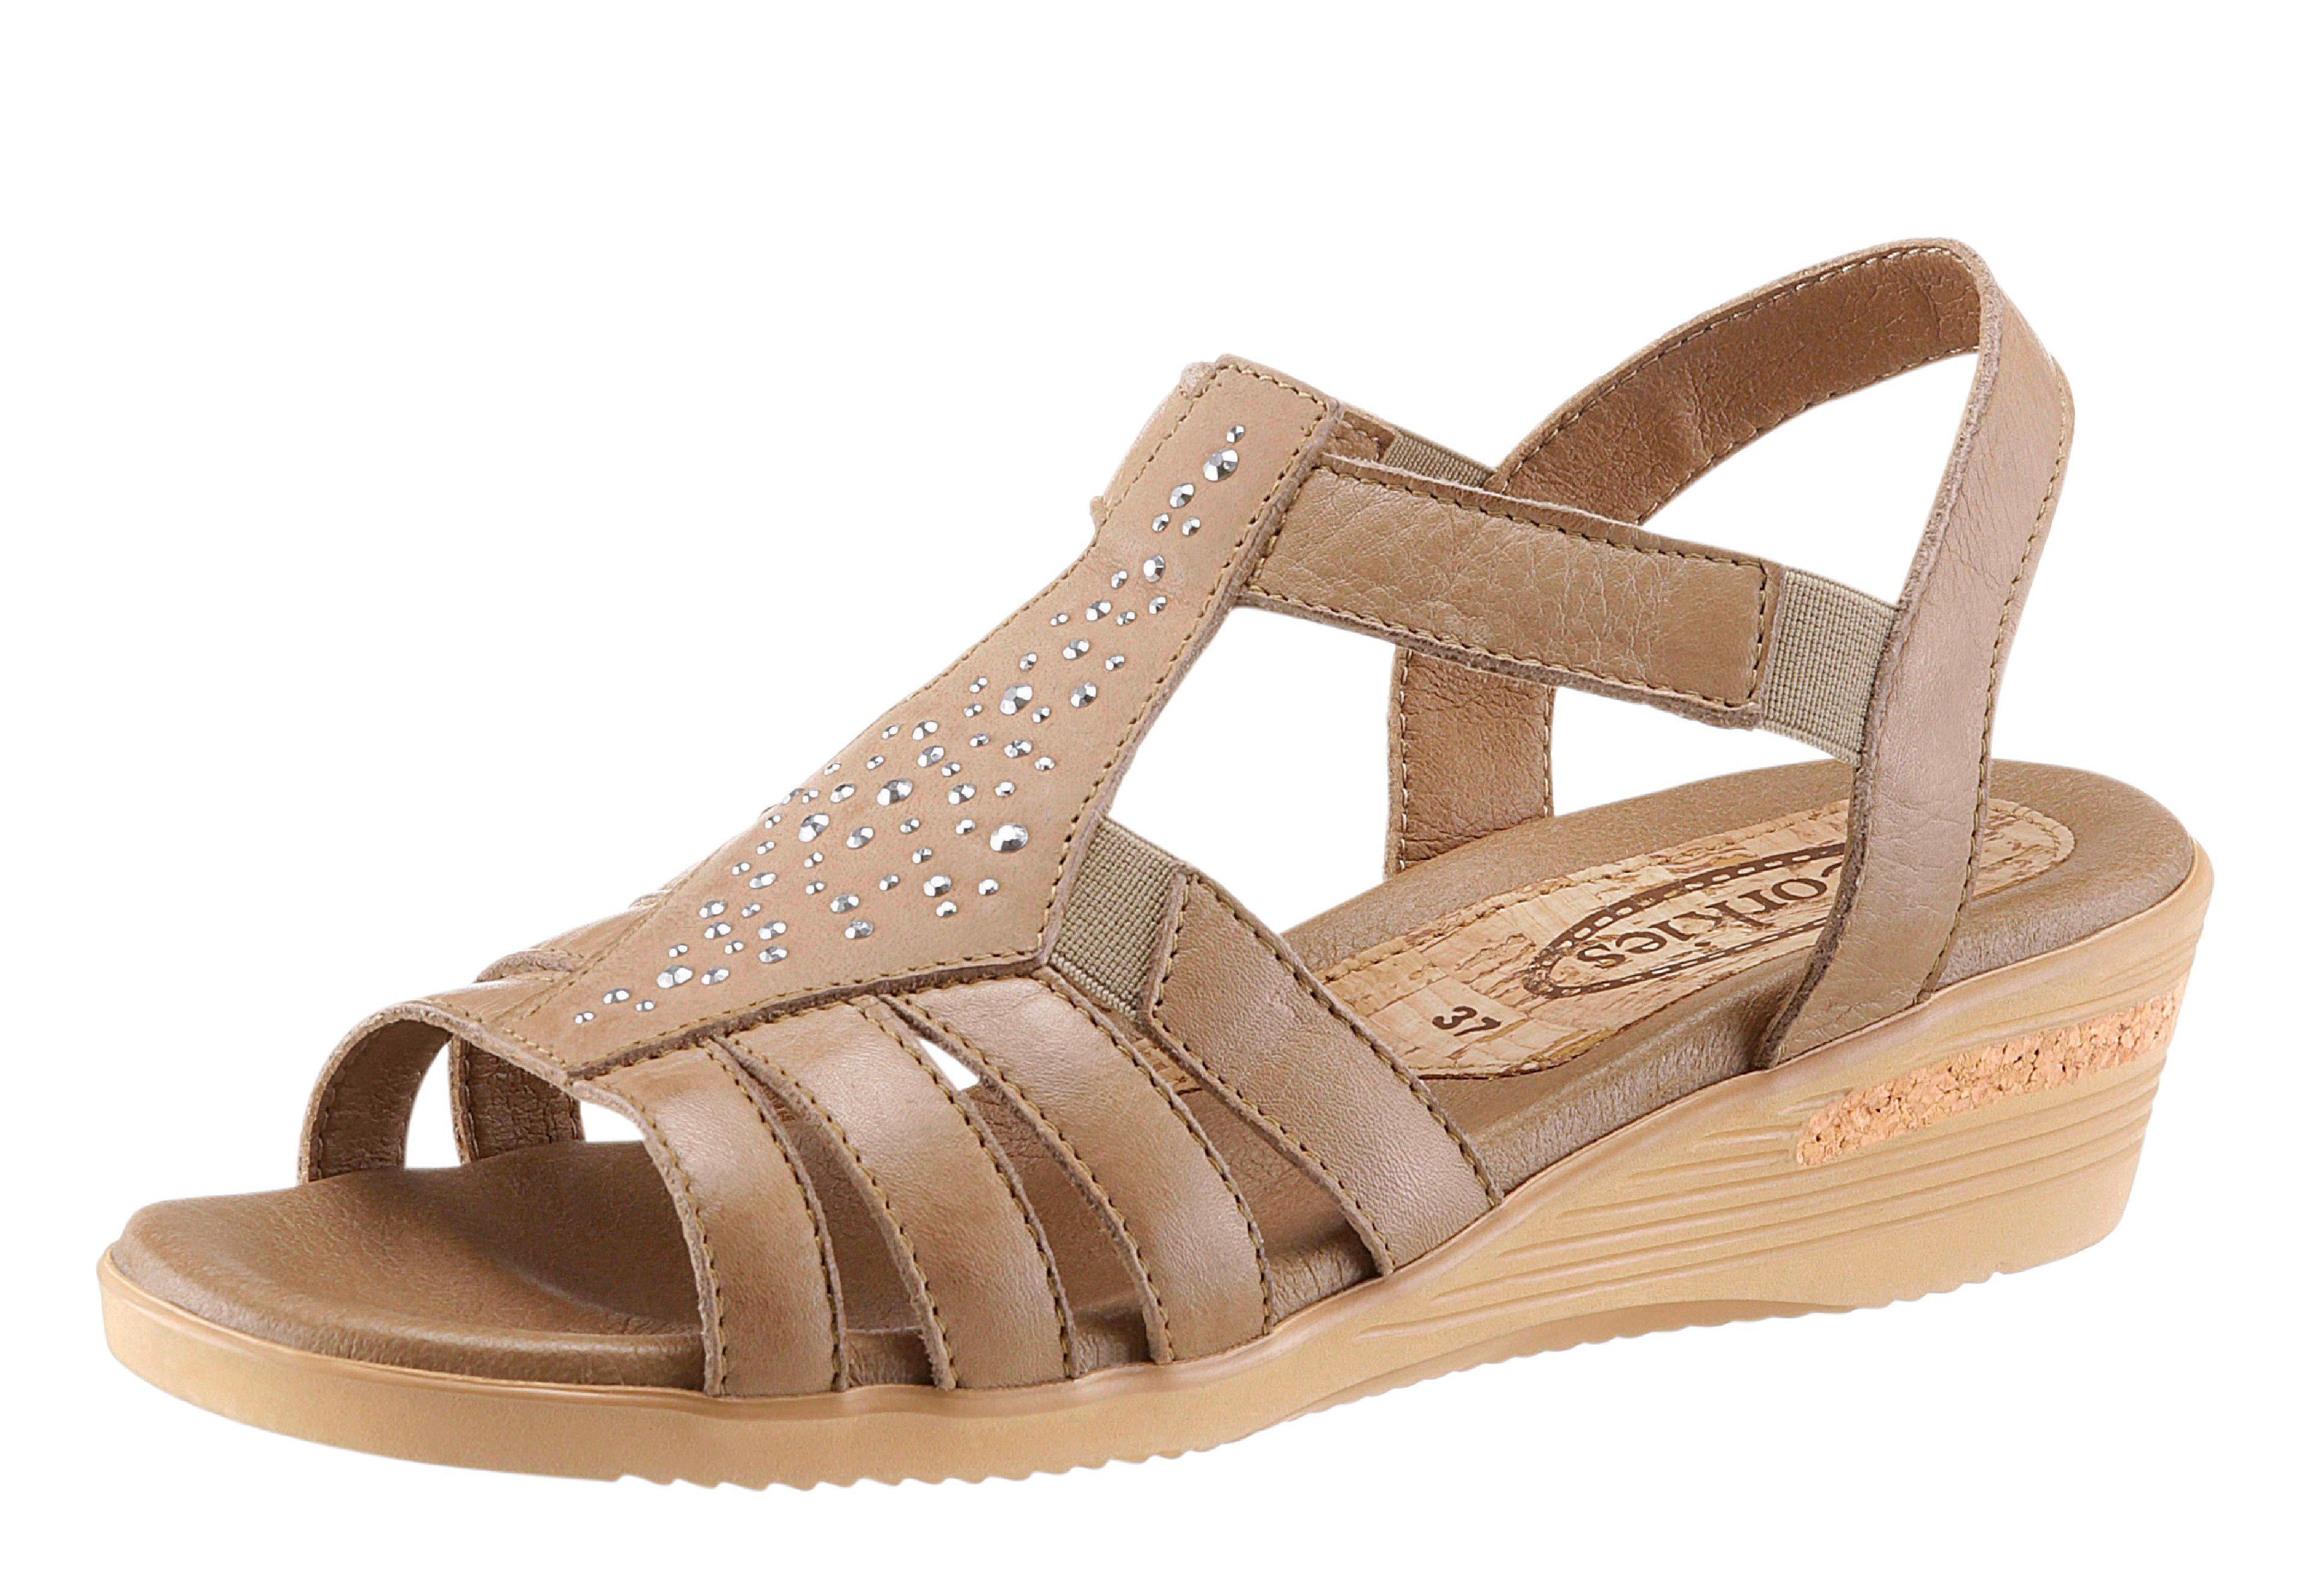 Corkies Sandalette mit weich gepolstertem Fußbett, natur, beige